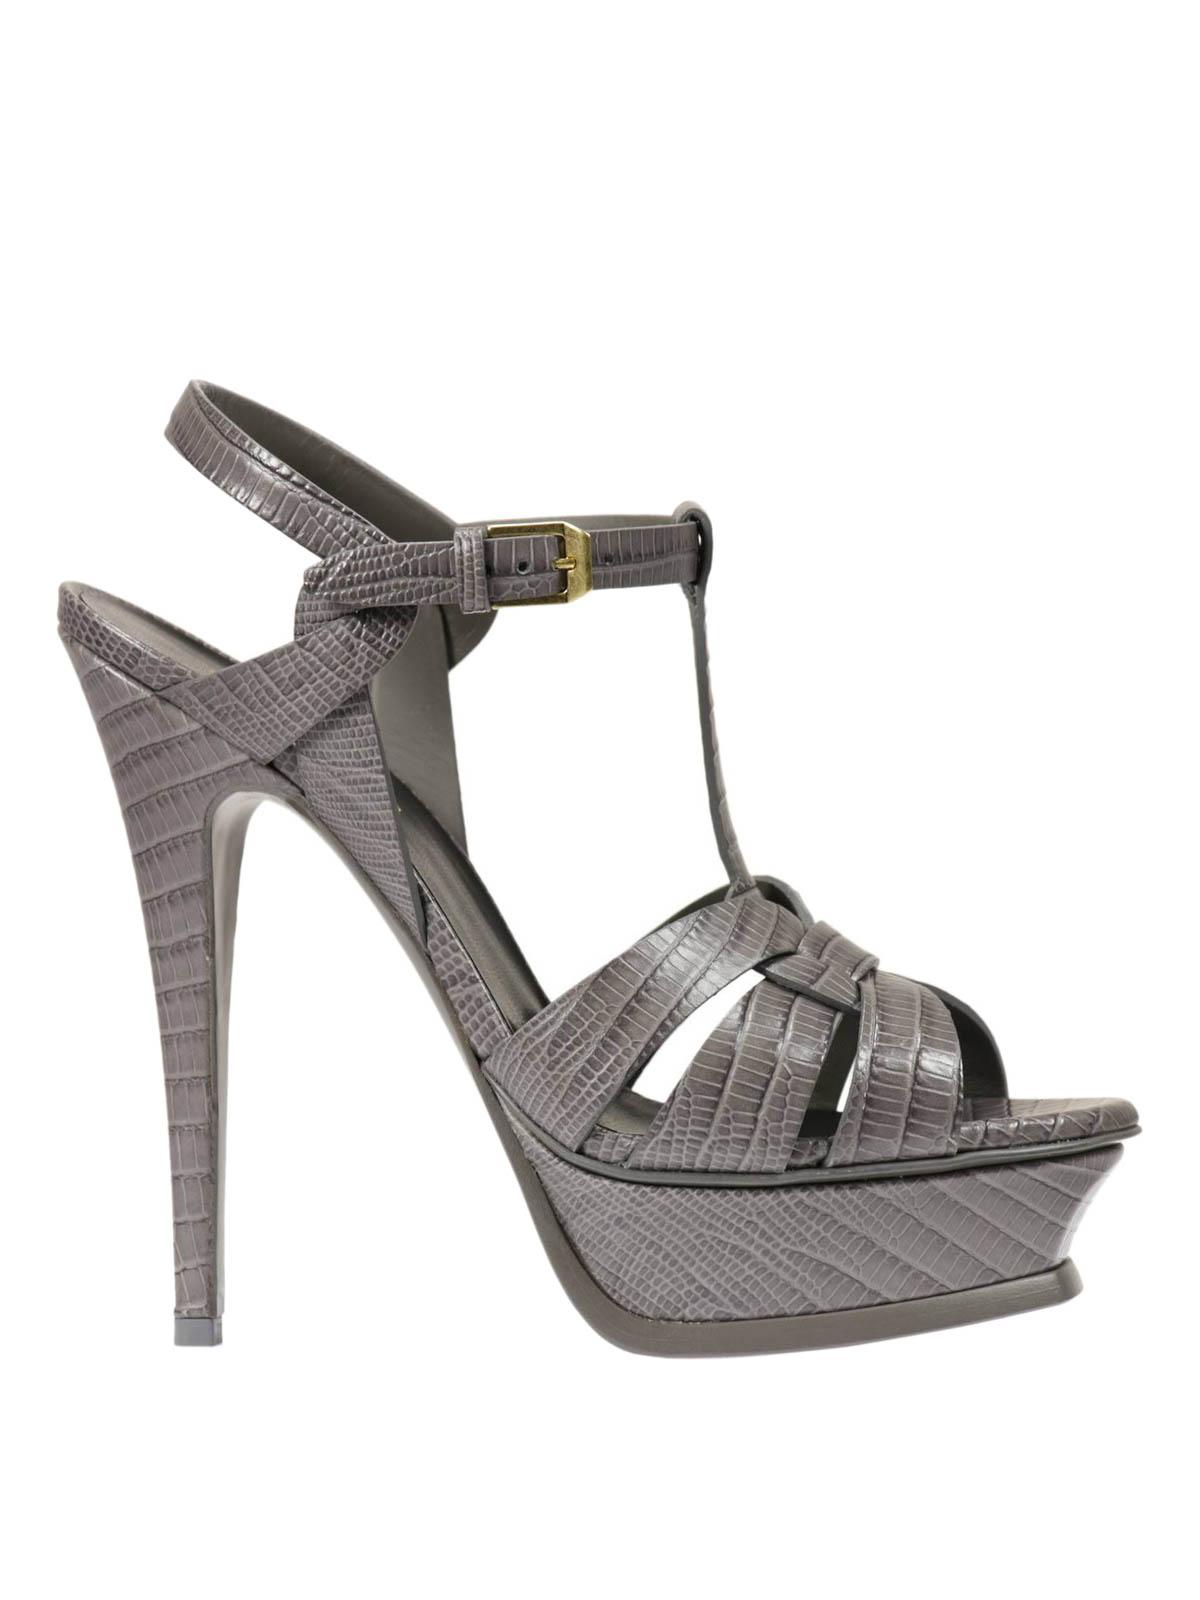 Saint Laurent Tribute Leather Sandals Sandals